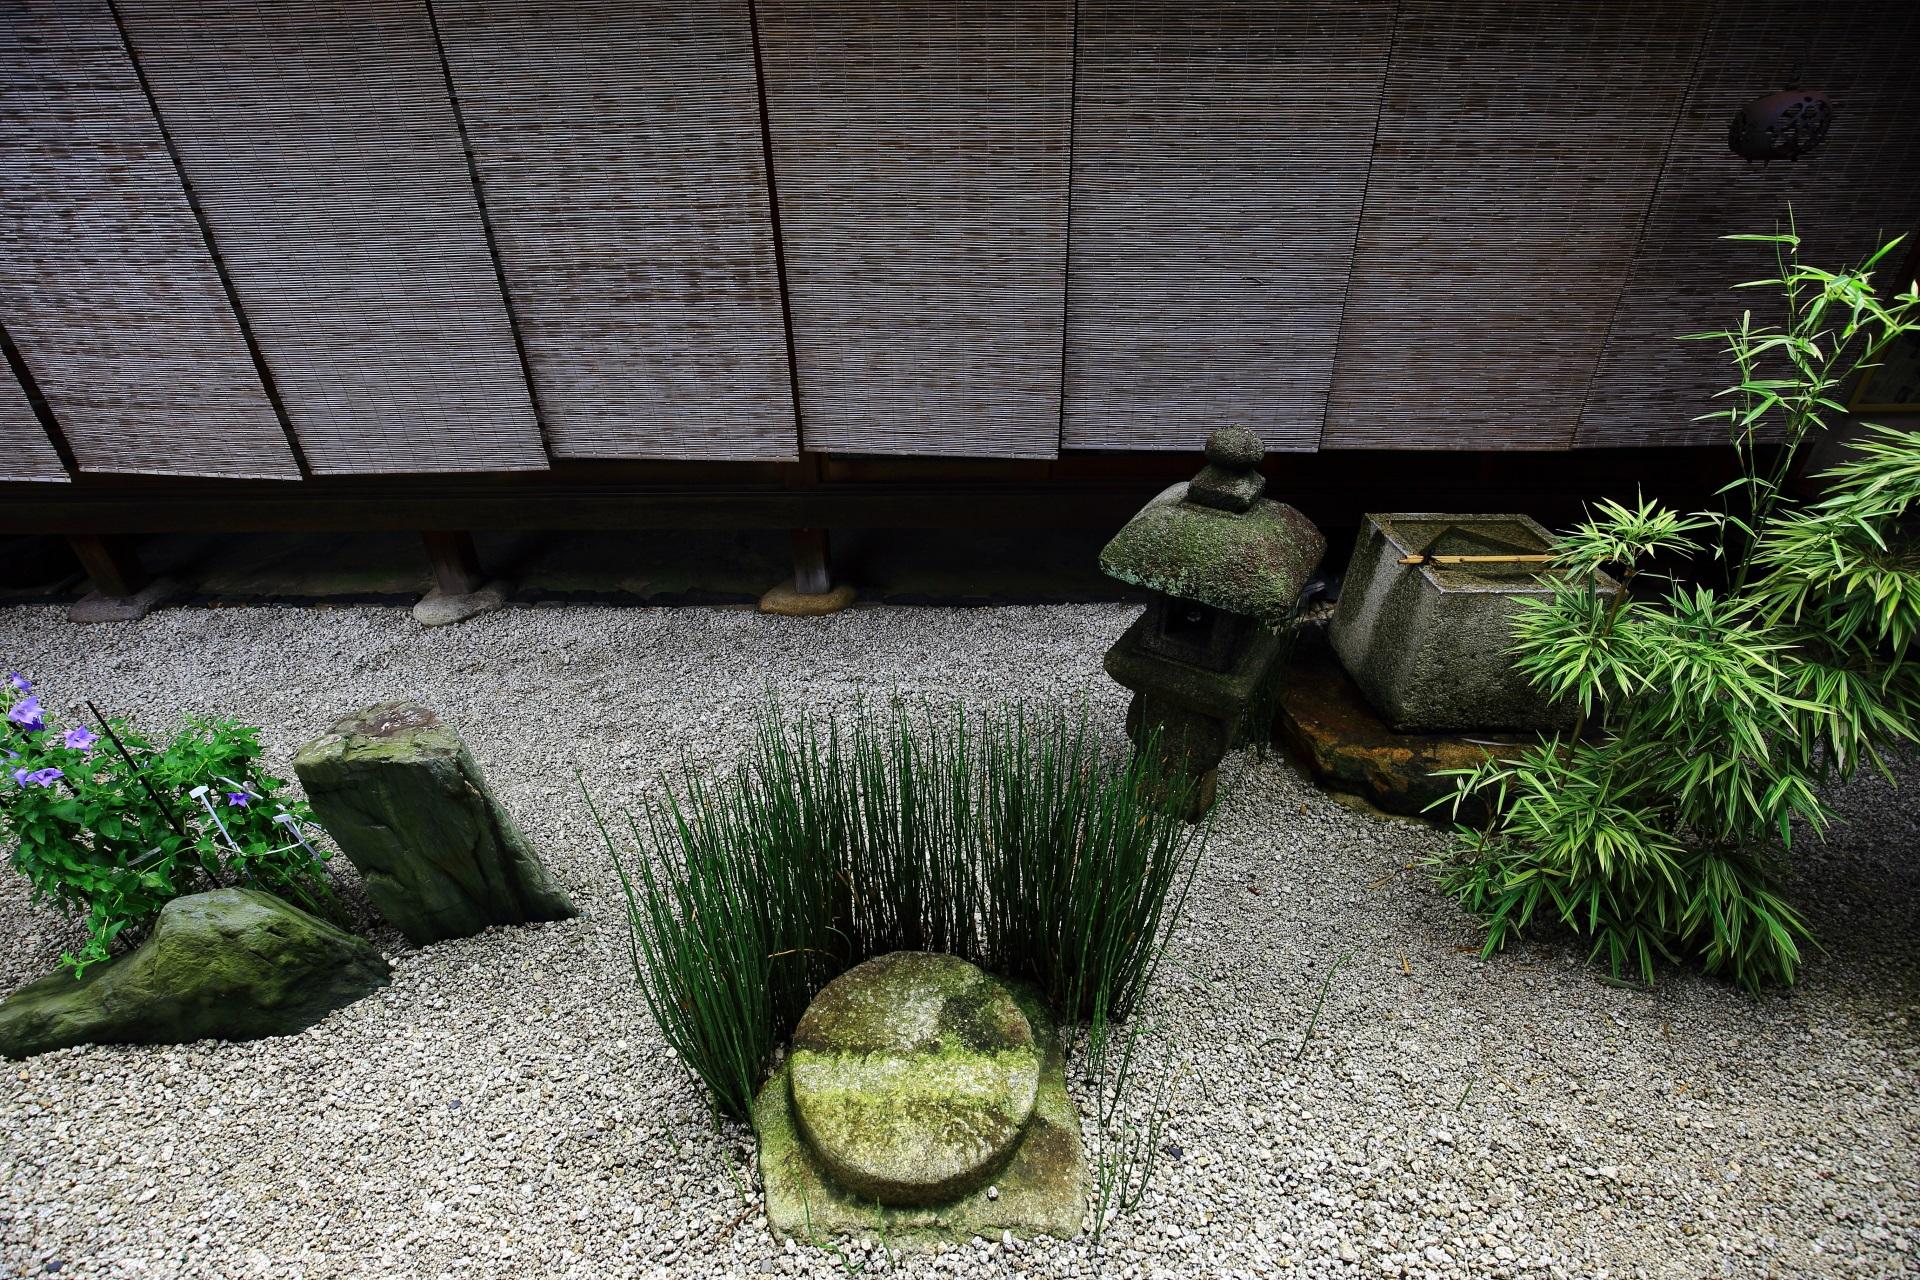 風情と彩りの感じられる瑞峯院の東の坪庭(中庭)